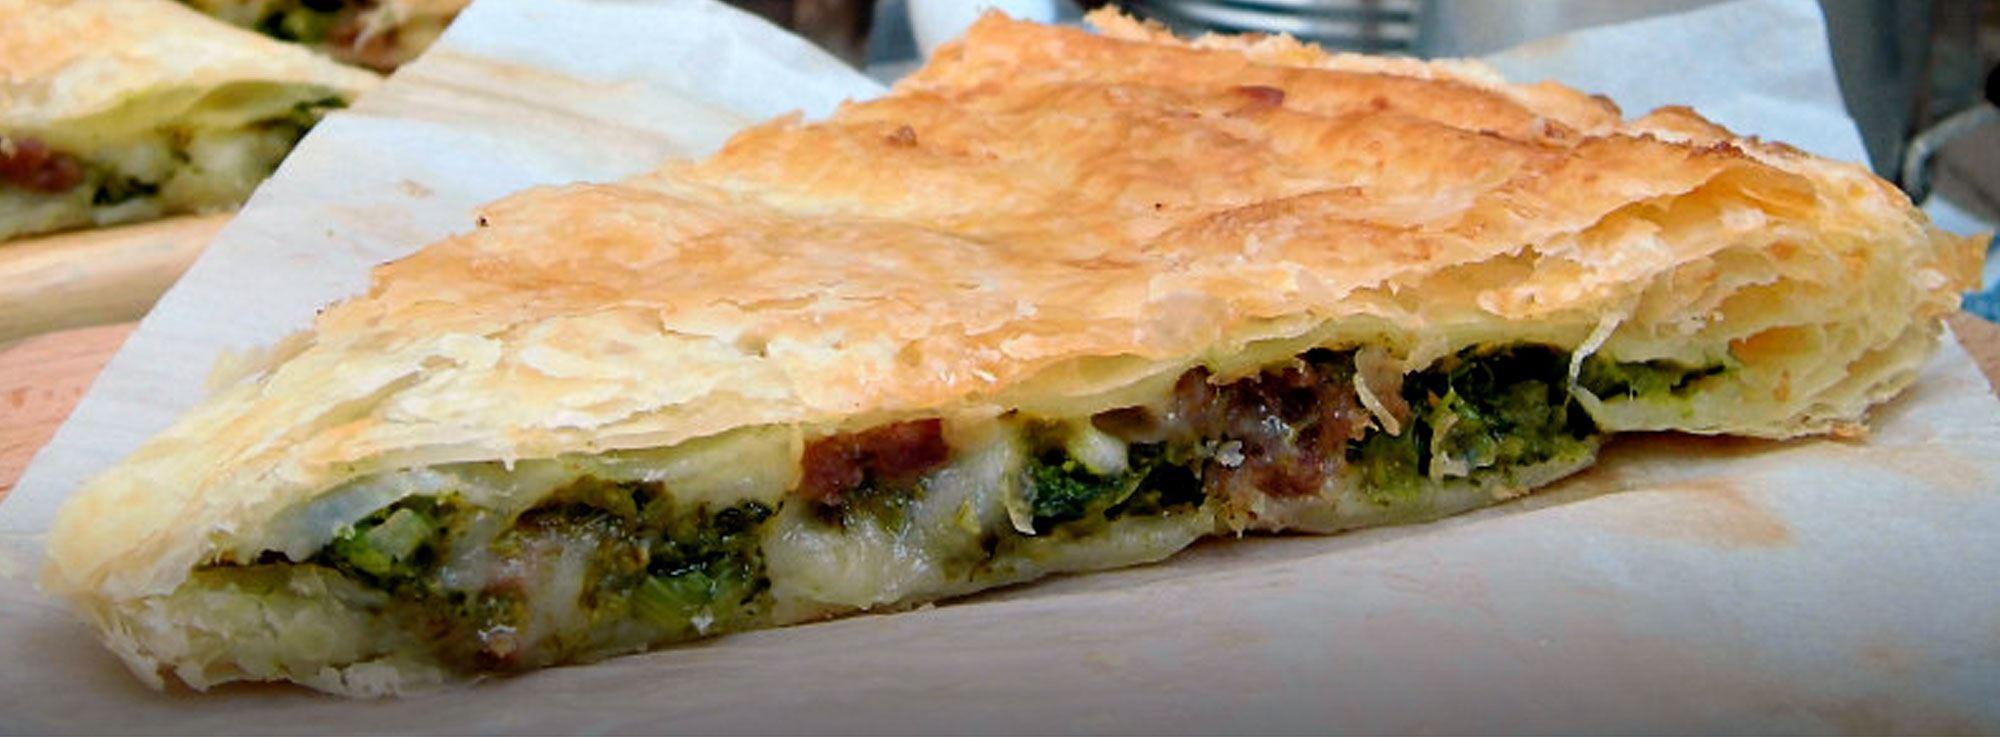 Ricetta: Calzone con salsiccia pugliese, bietole e mozzarella